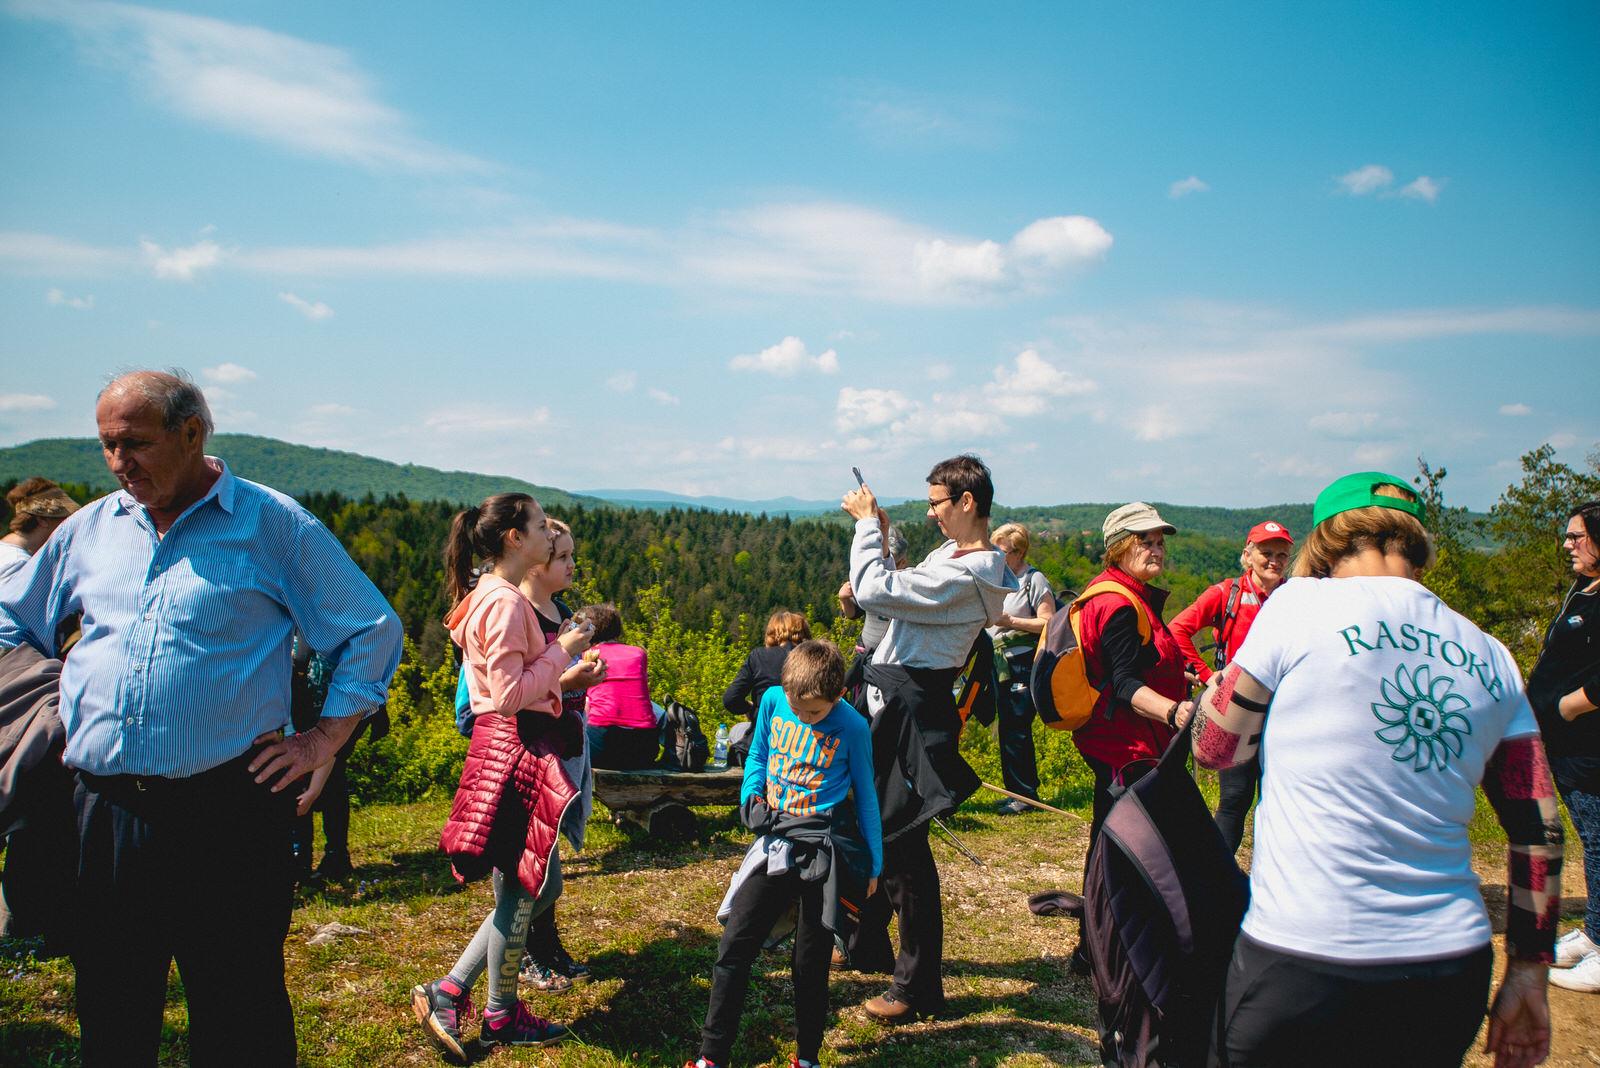 likaclub_slunj_rastoke_5-festival-nordijskog-hodanja_2019-81